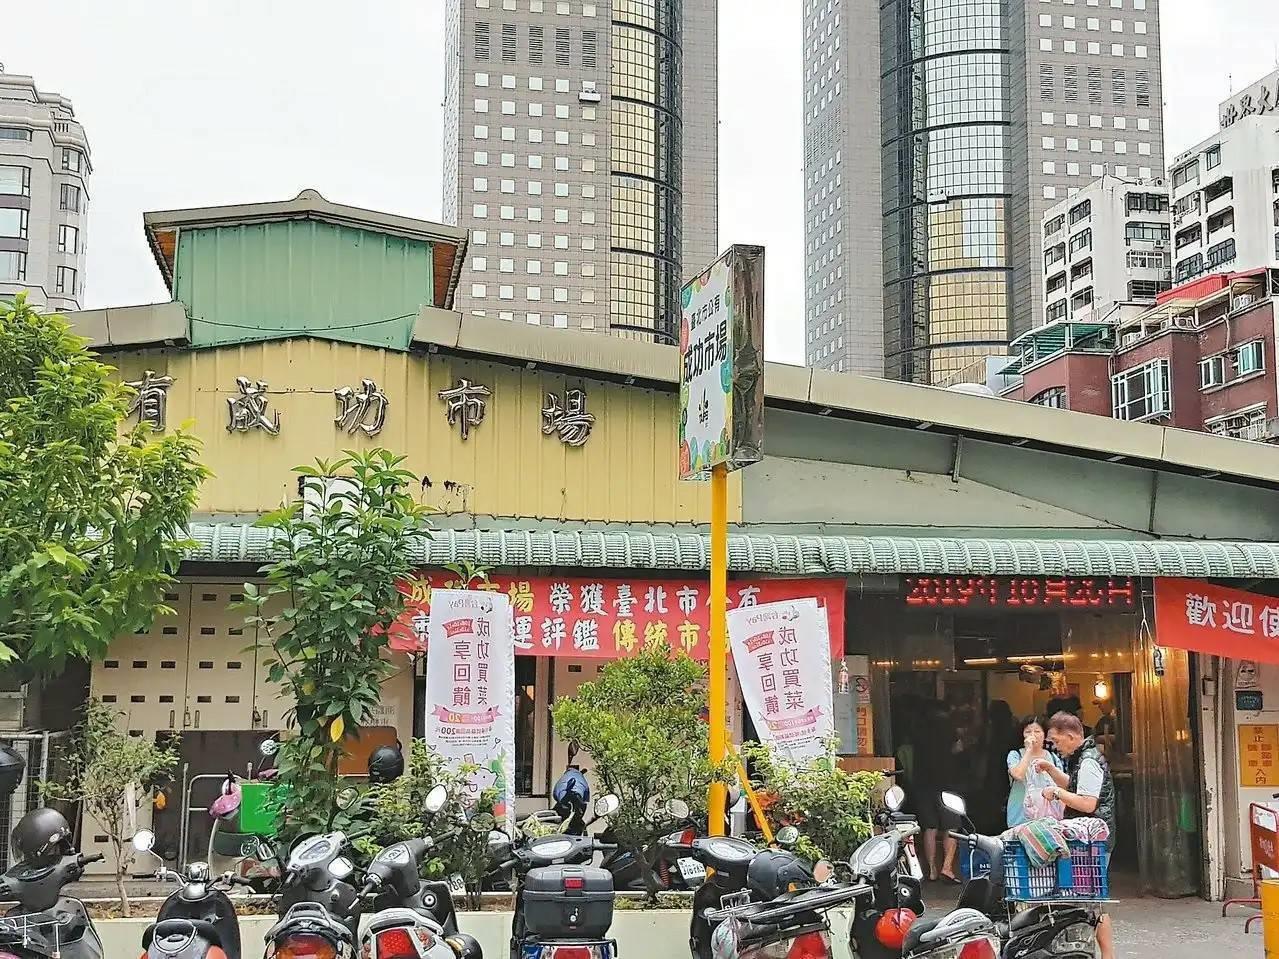 台北市大安區四維路的成功市場,使用已逾30年,有改建需求,中繼市場已動工。圖/聯合報系資料照